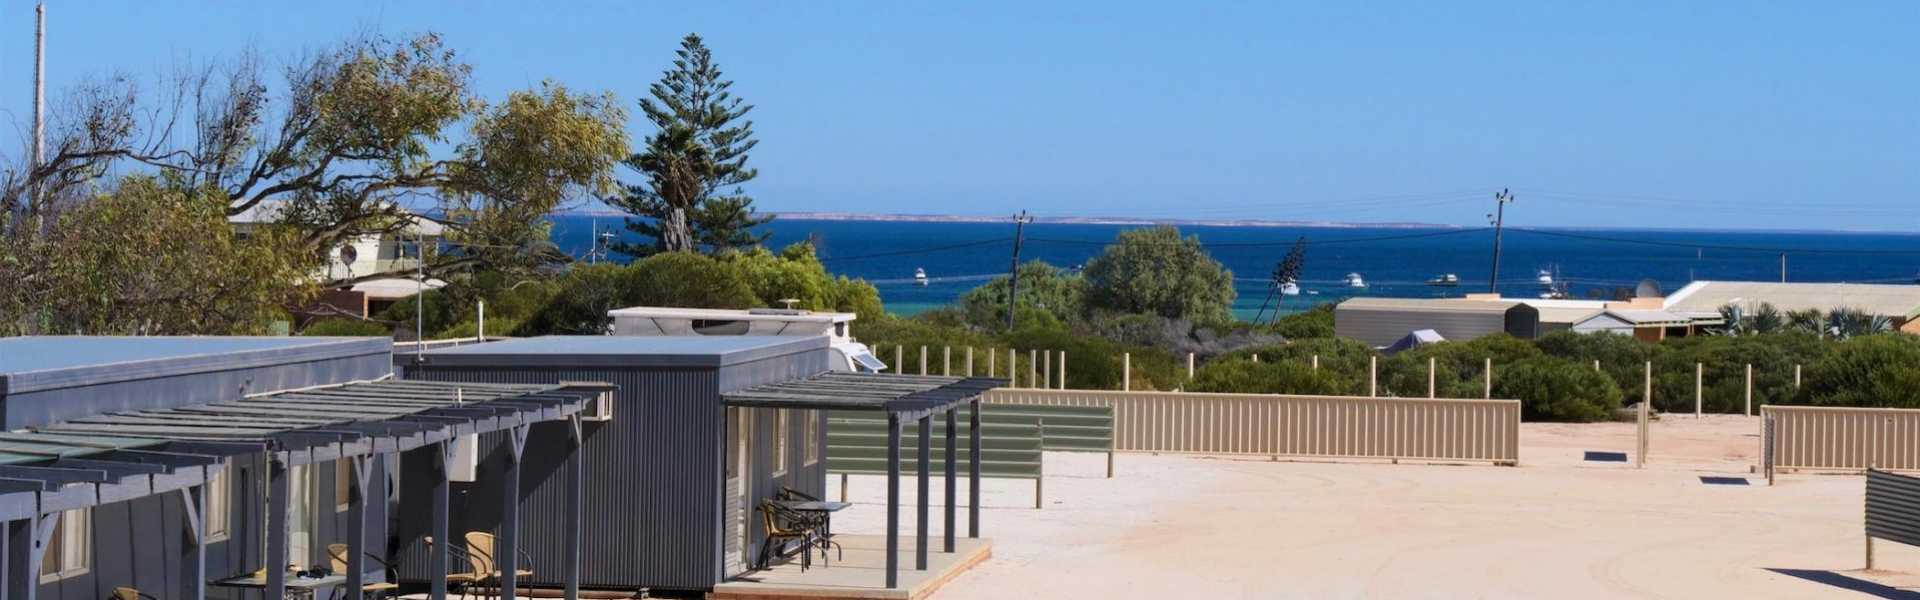 Kui Parks, Shark Bay Caravan Park, Denham, Shark Bay